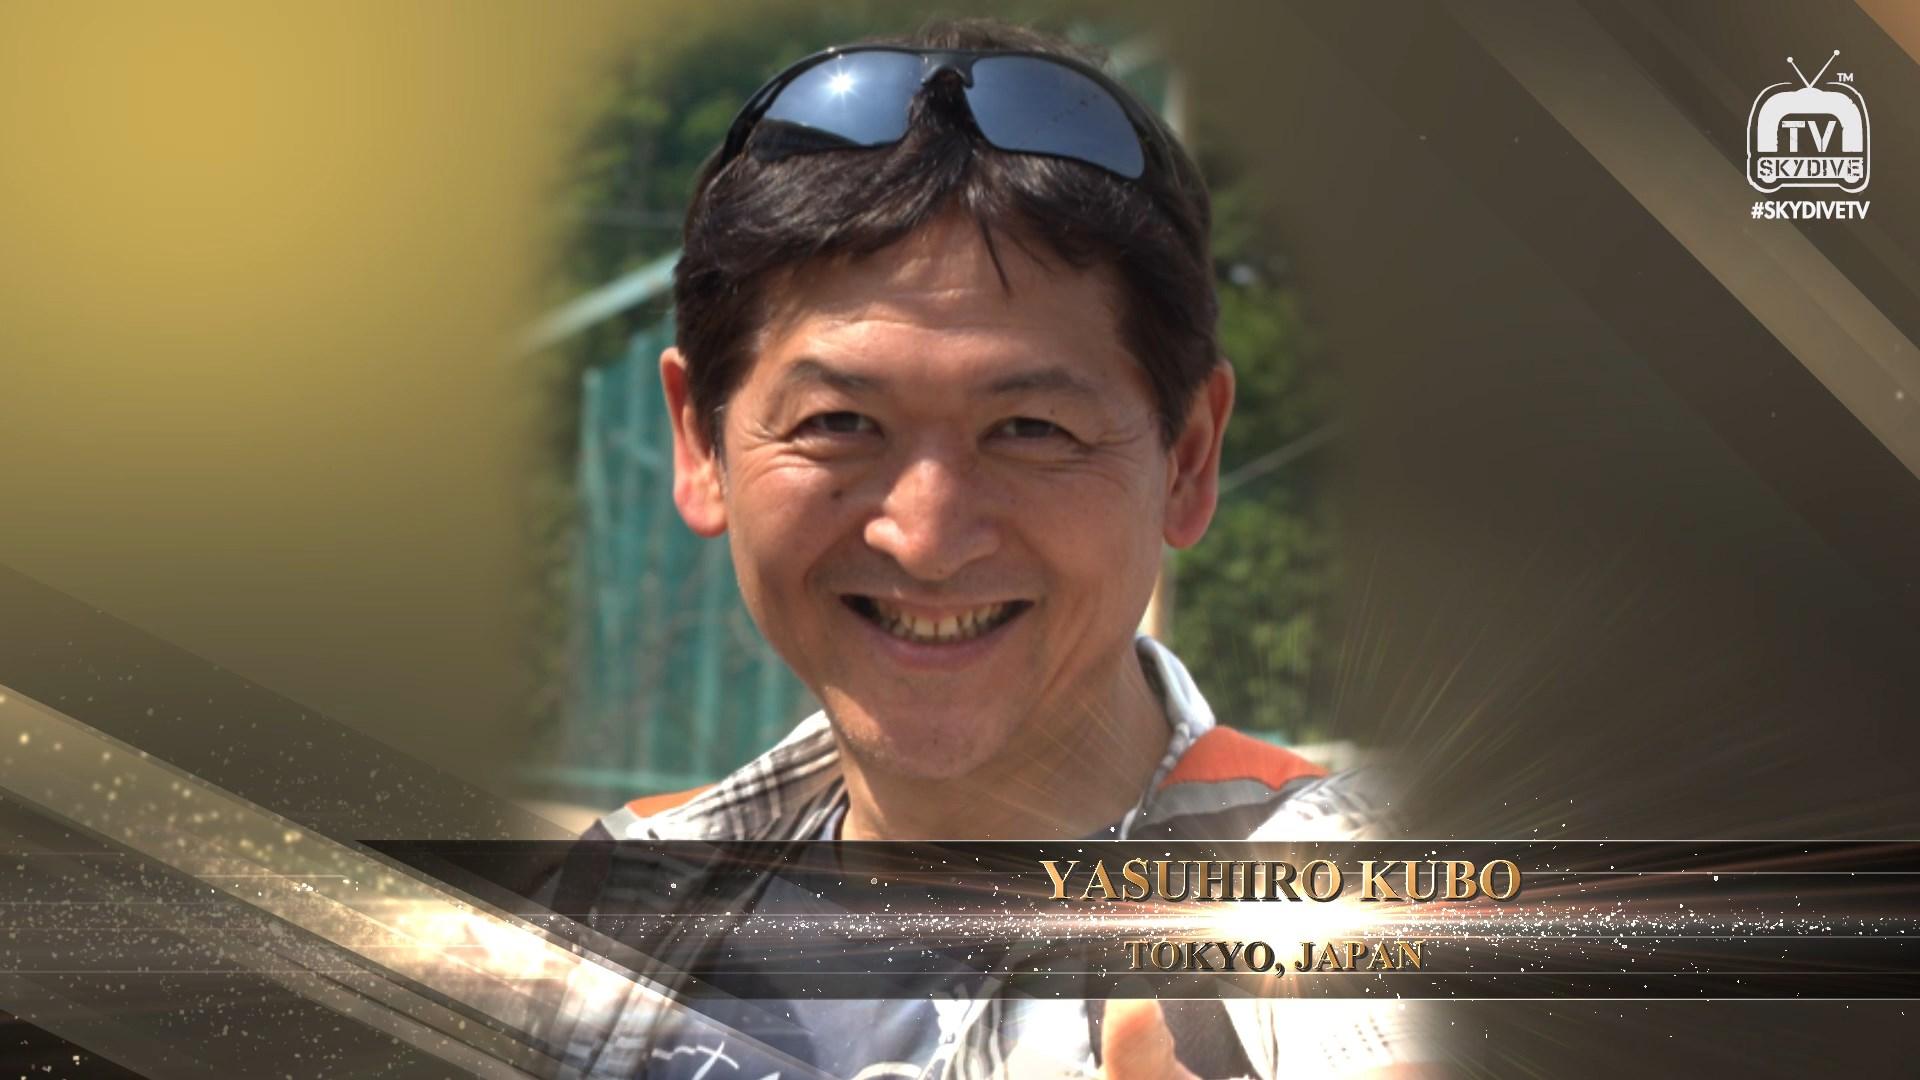 2015-SkydivingMuseum-Yasuhiro Kubo